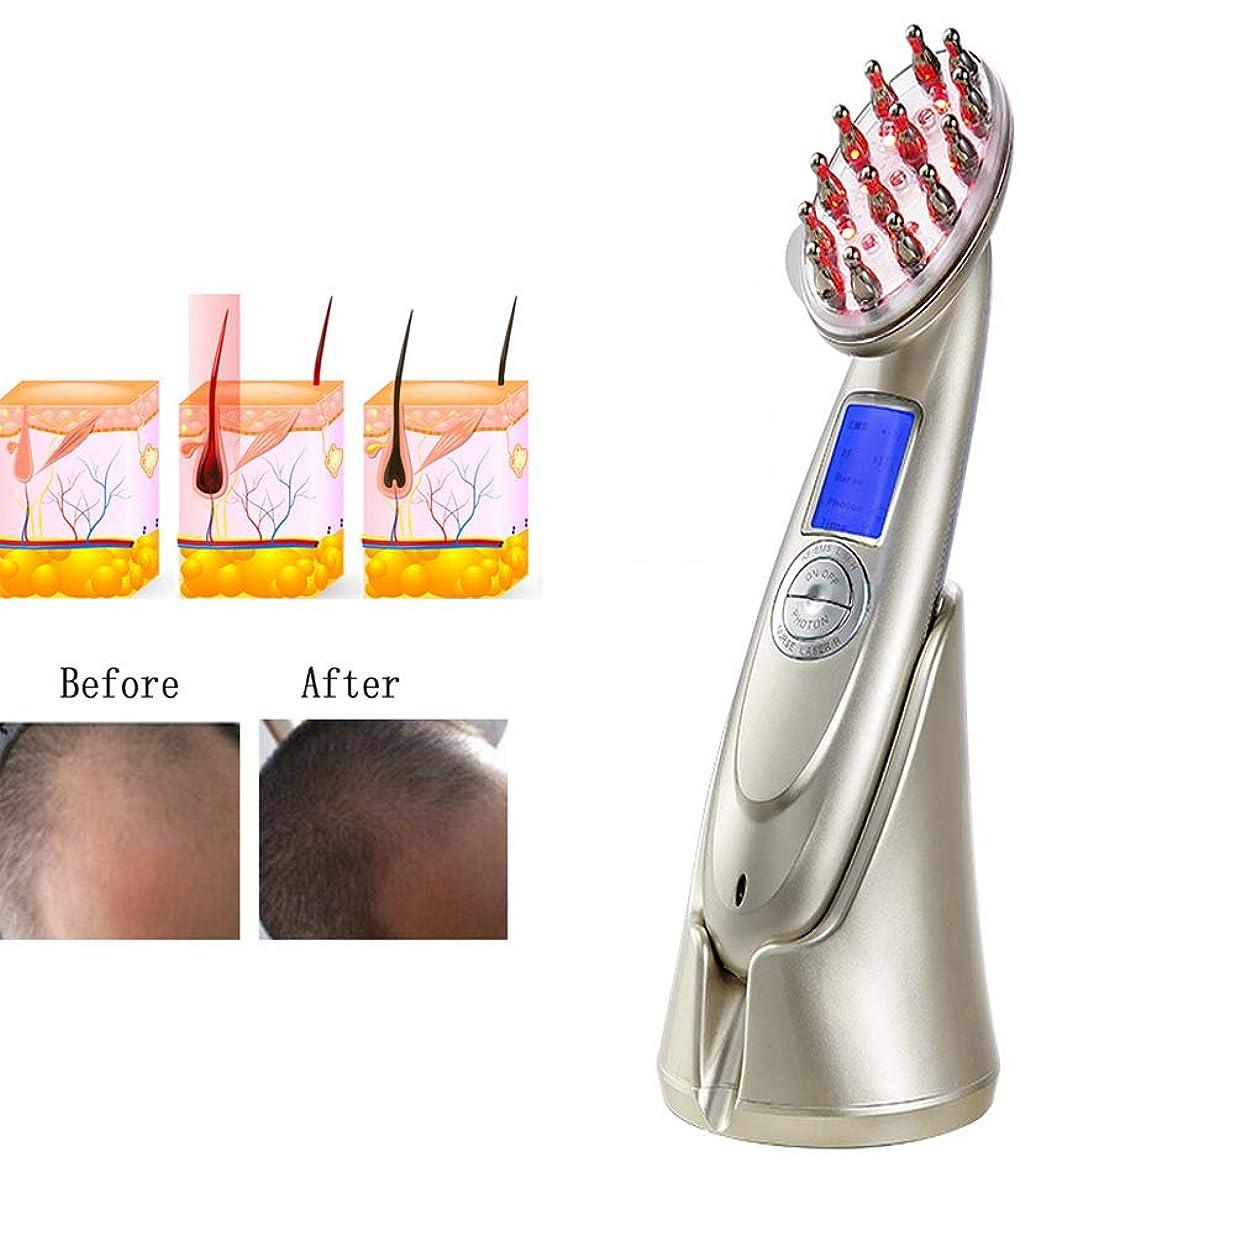 医療過誤失速破壊的プロの電気髪の成長レーザー櫛 RF EMS LED 光子光療法ブラシ抗脱毛治療マッサージの健康胚ブラシをアップグレードします。